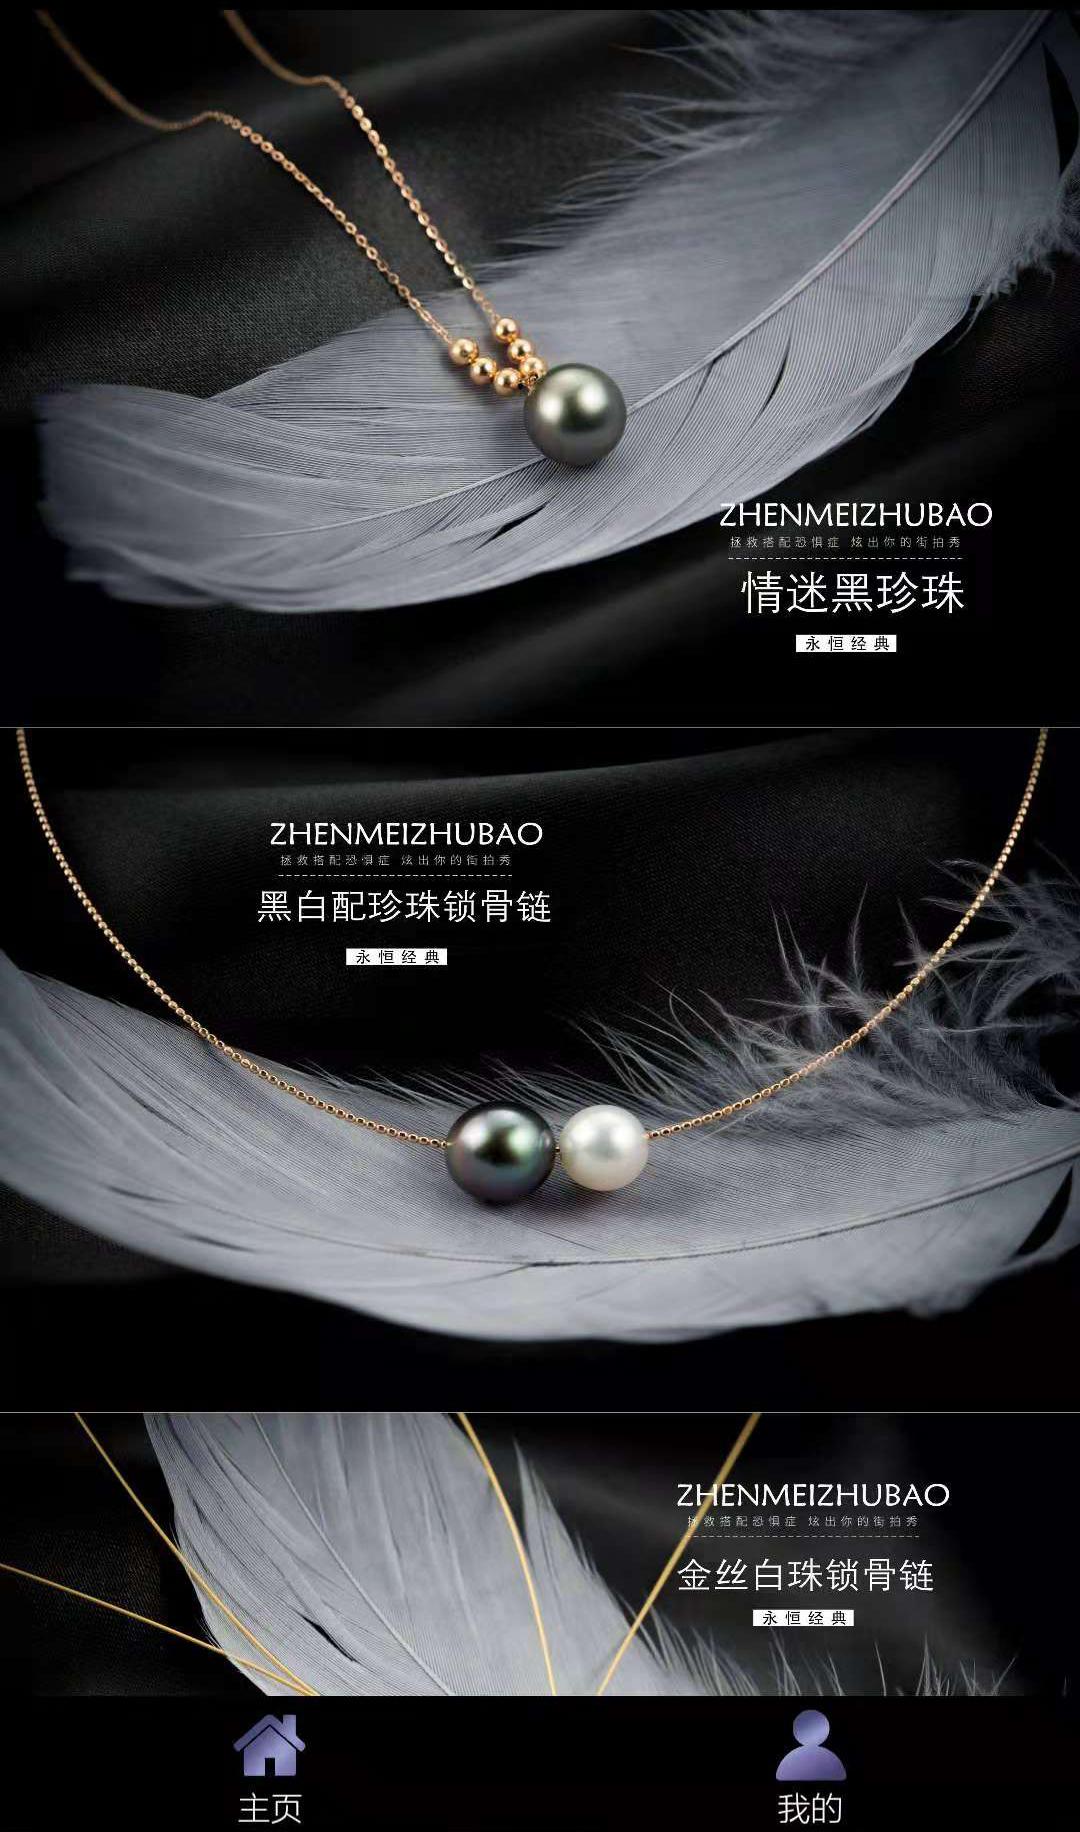 微信珠宝饰品小程序